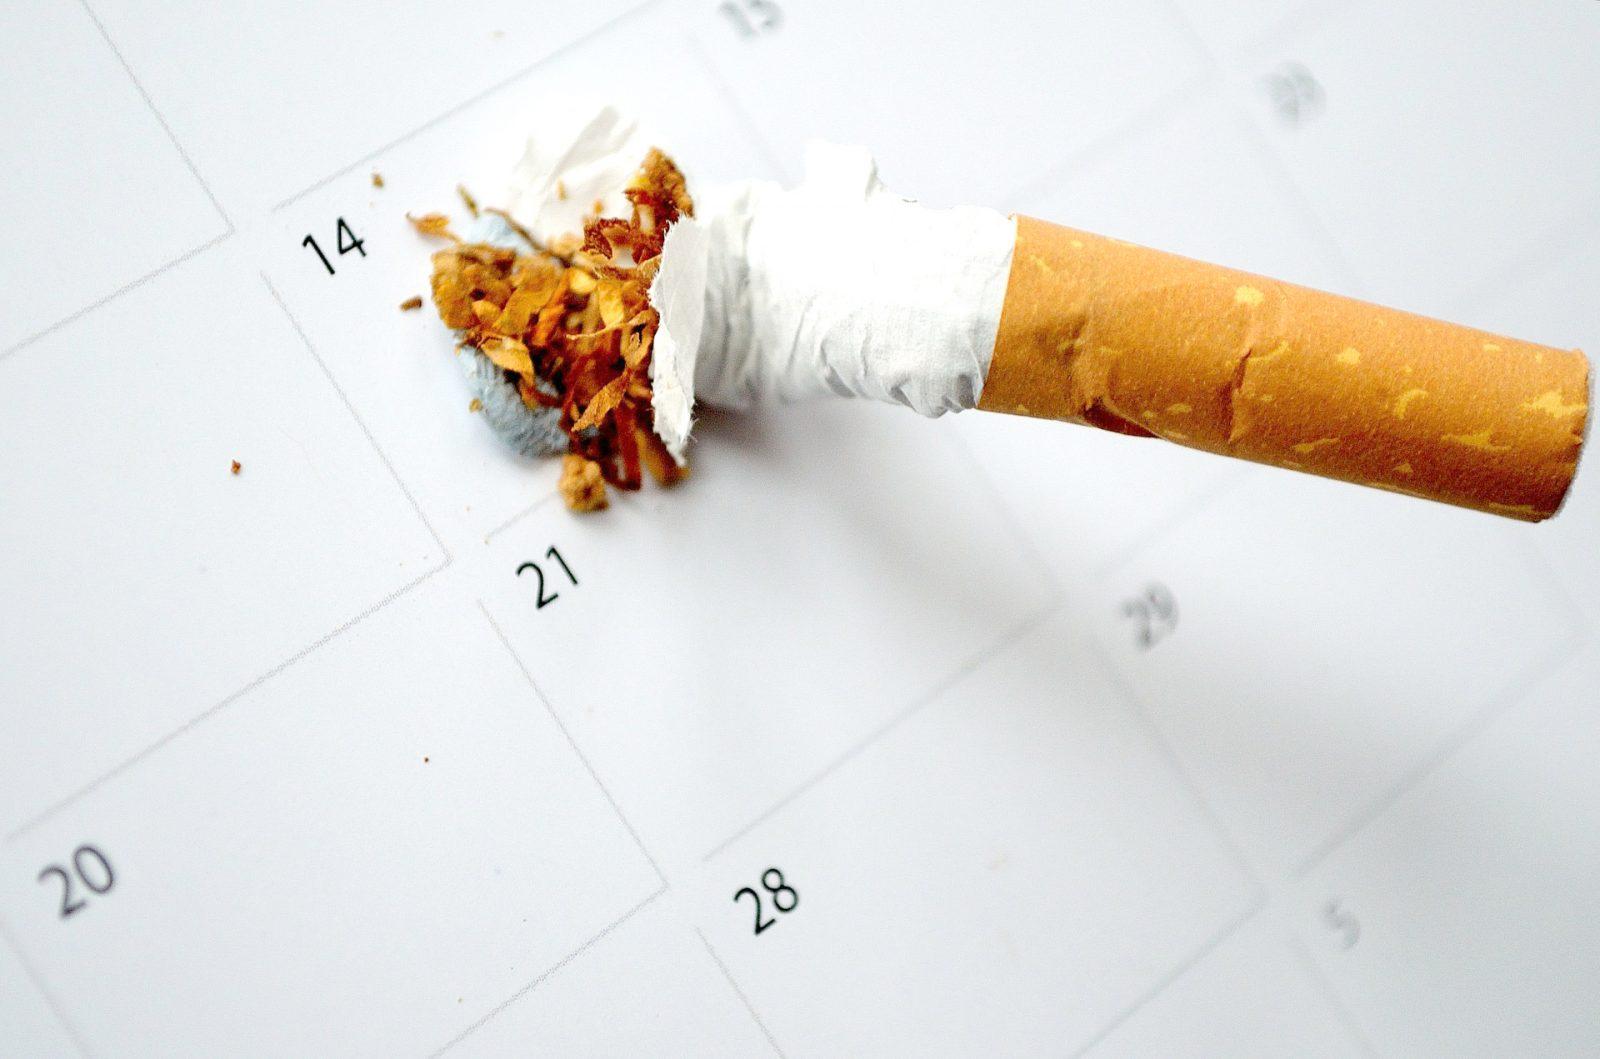 dejar de fumar ayuda a prevenir el ictus